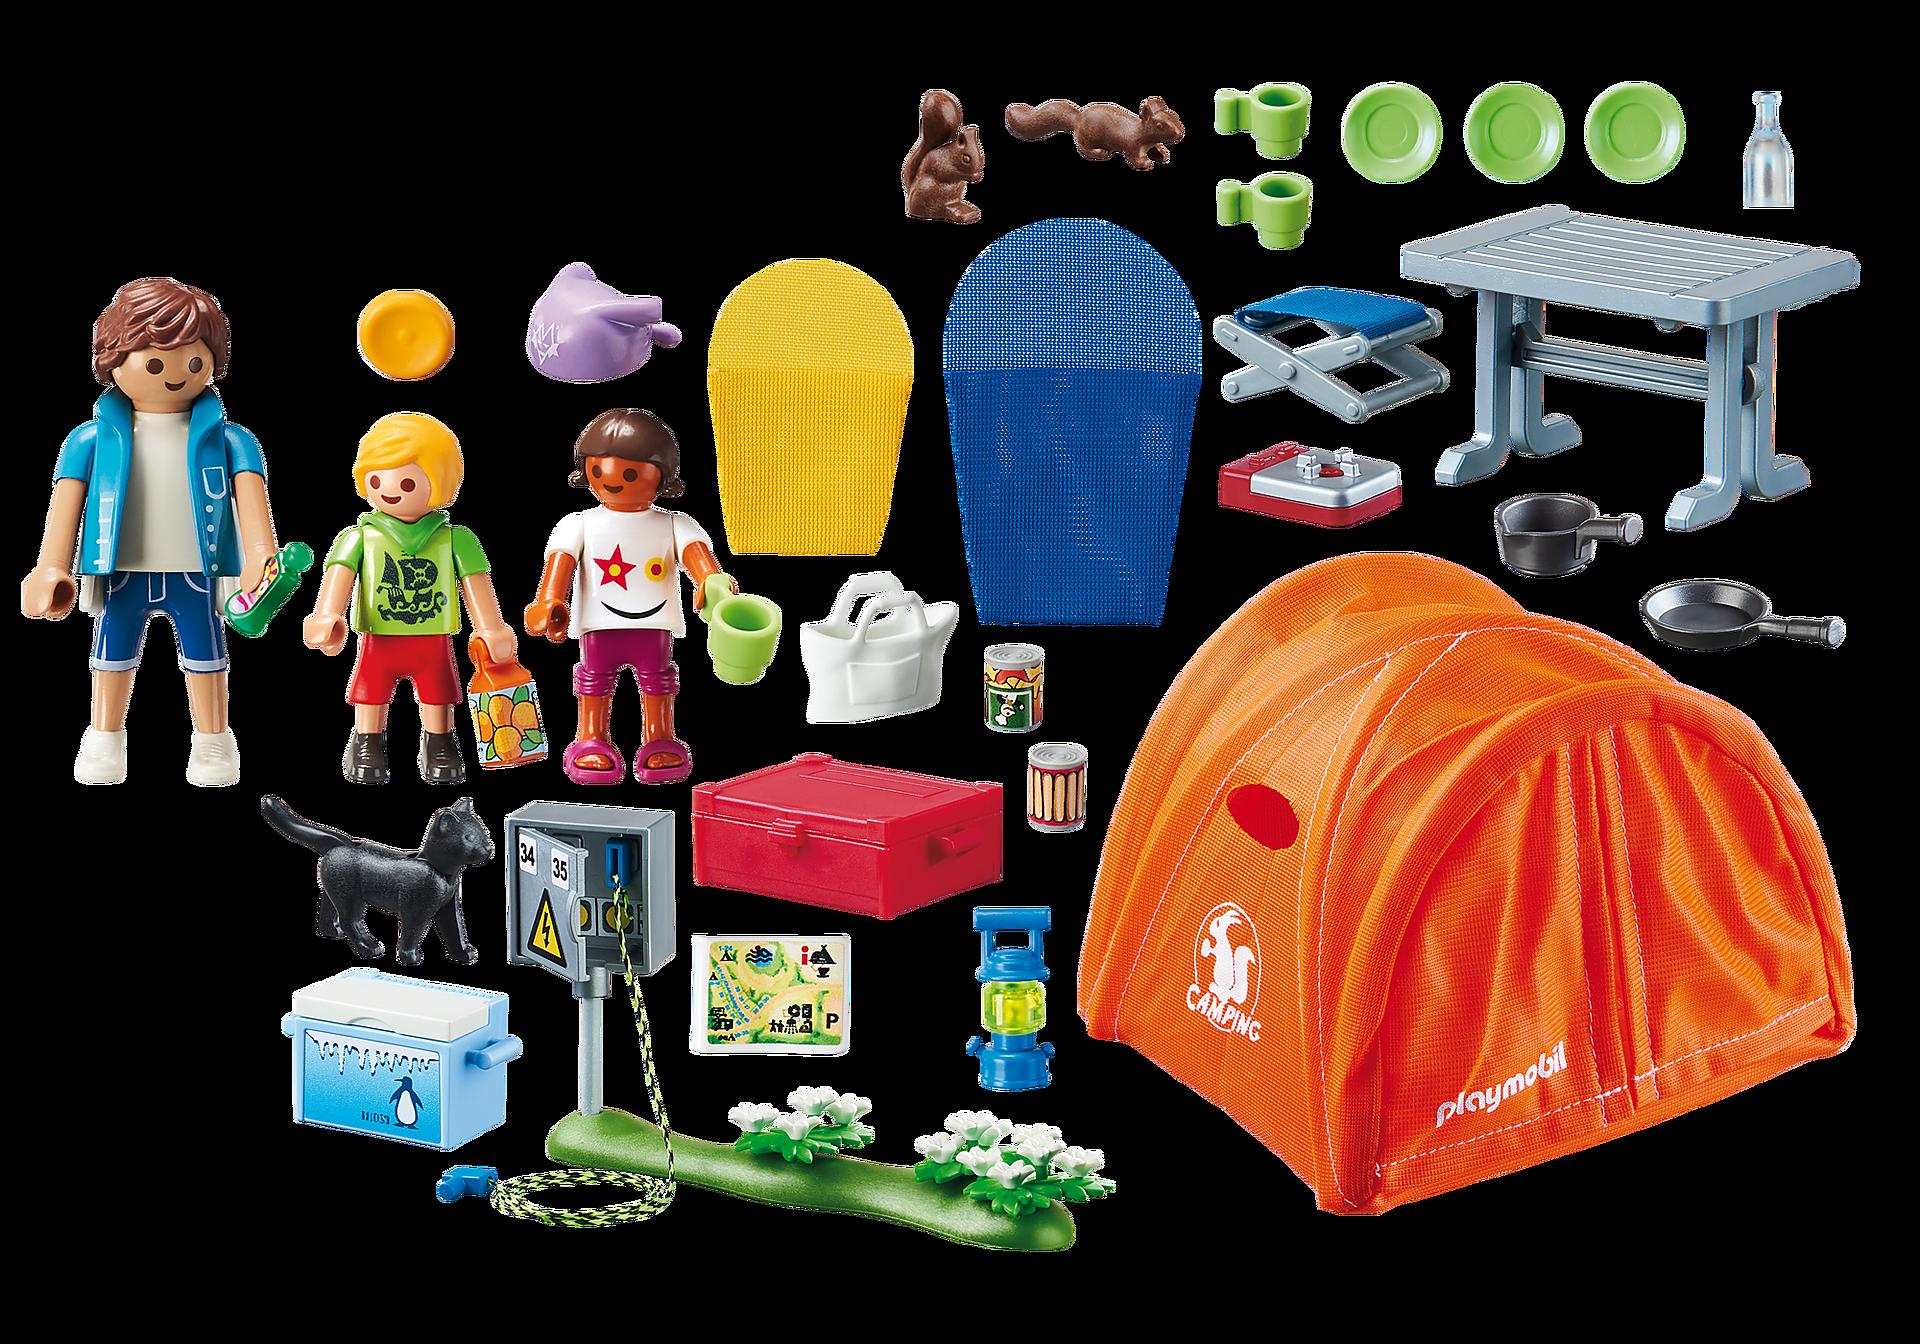 70089 Campingtur med stort tält zoom image3